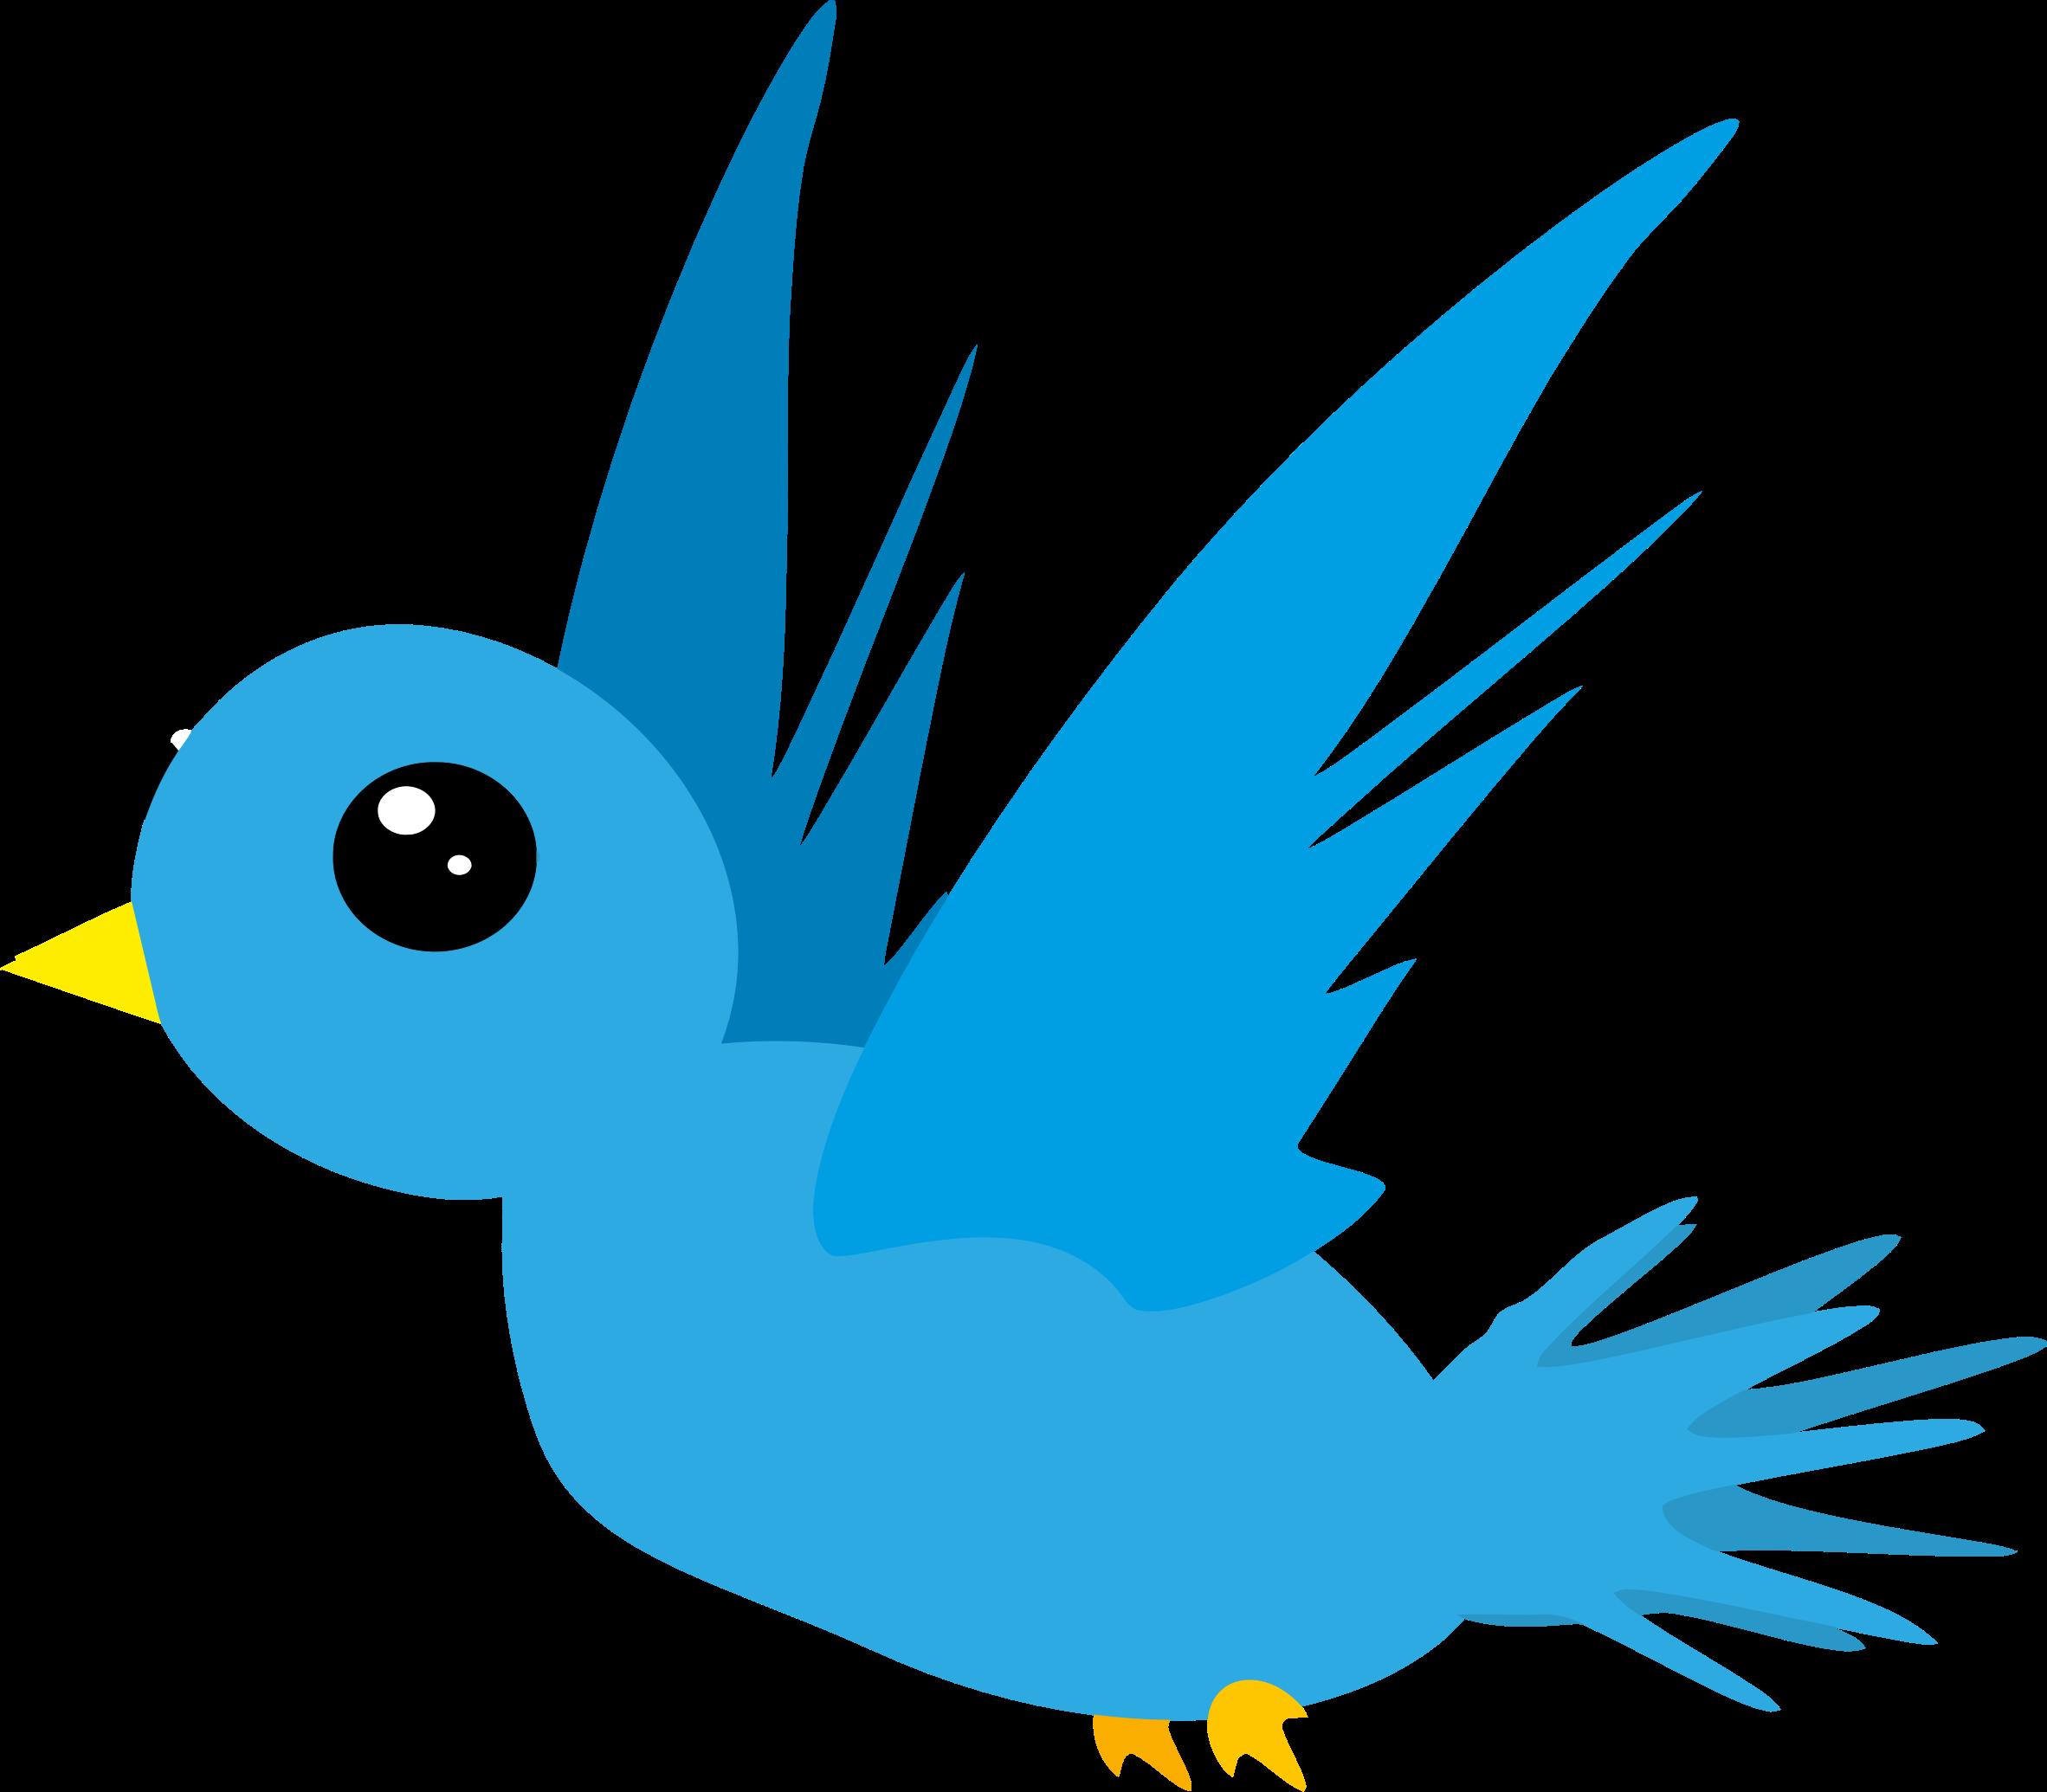 Twitter bird png transparent. Bluebird clipart small pencil